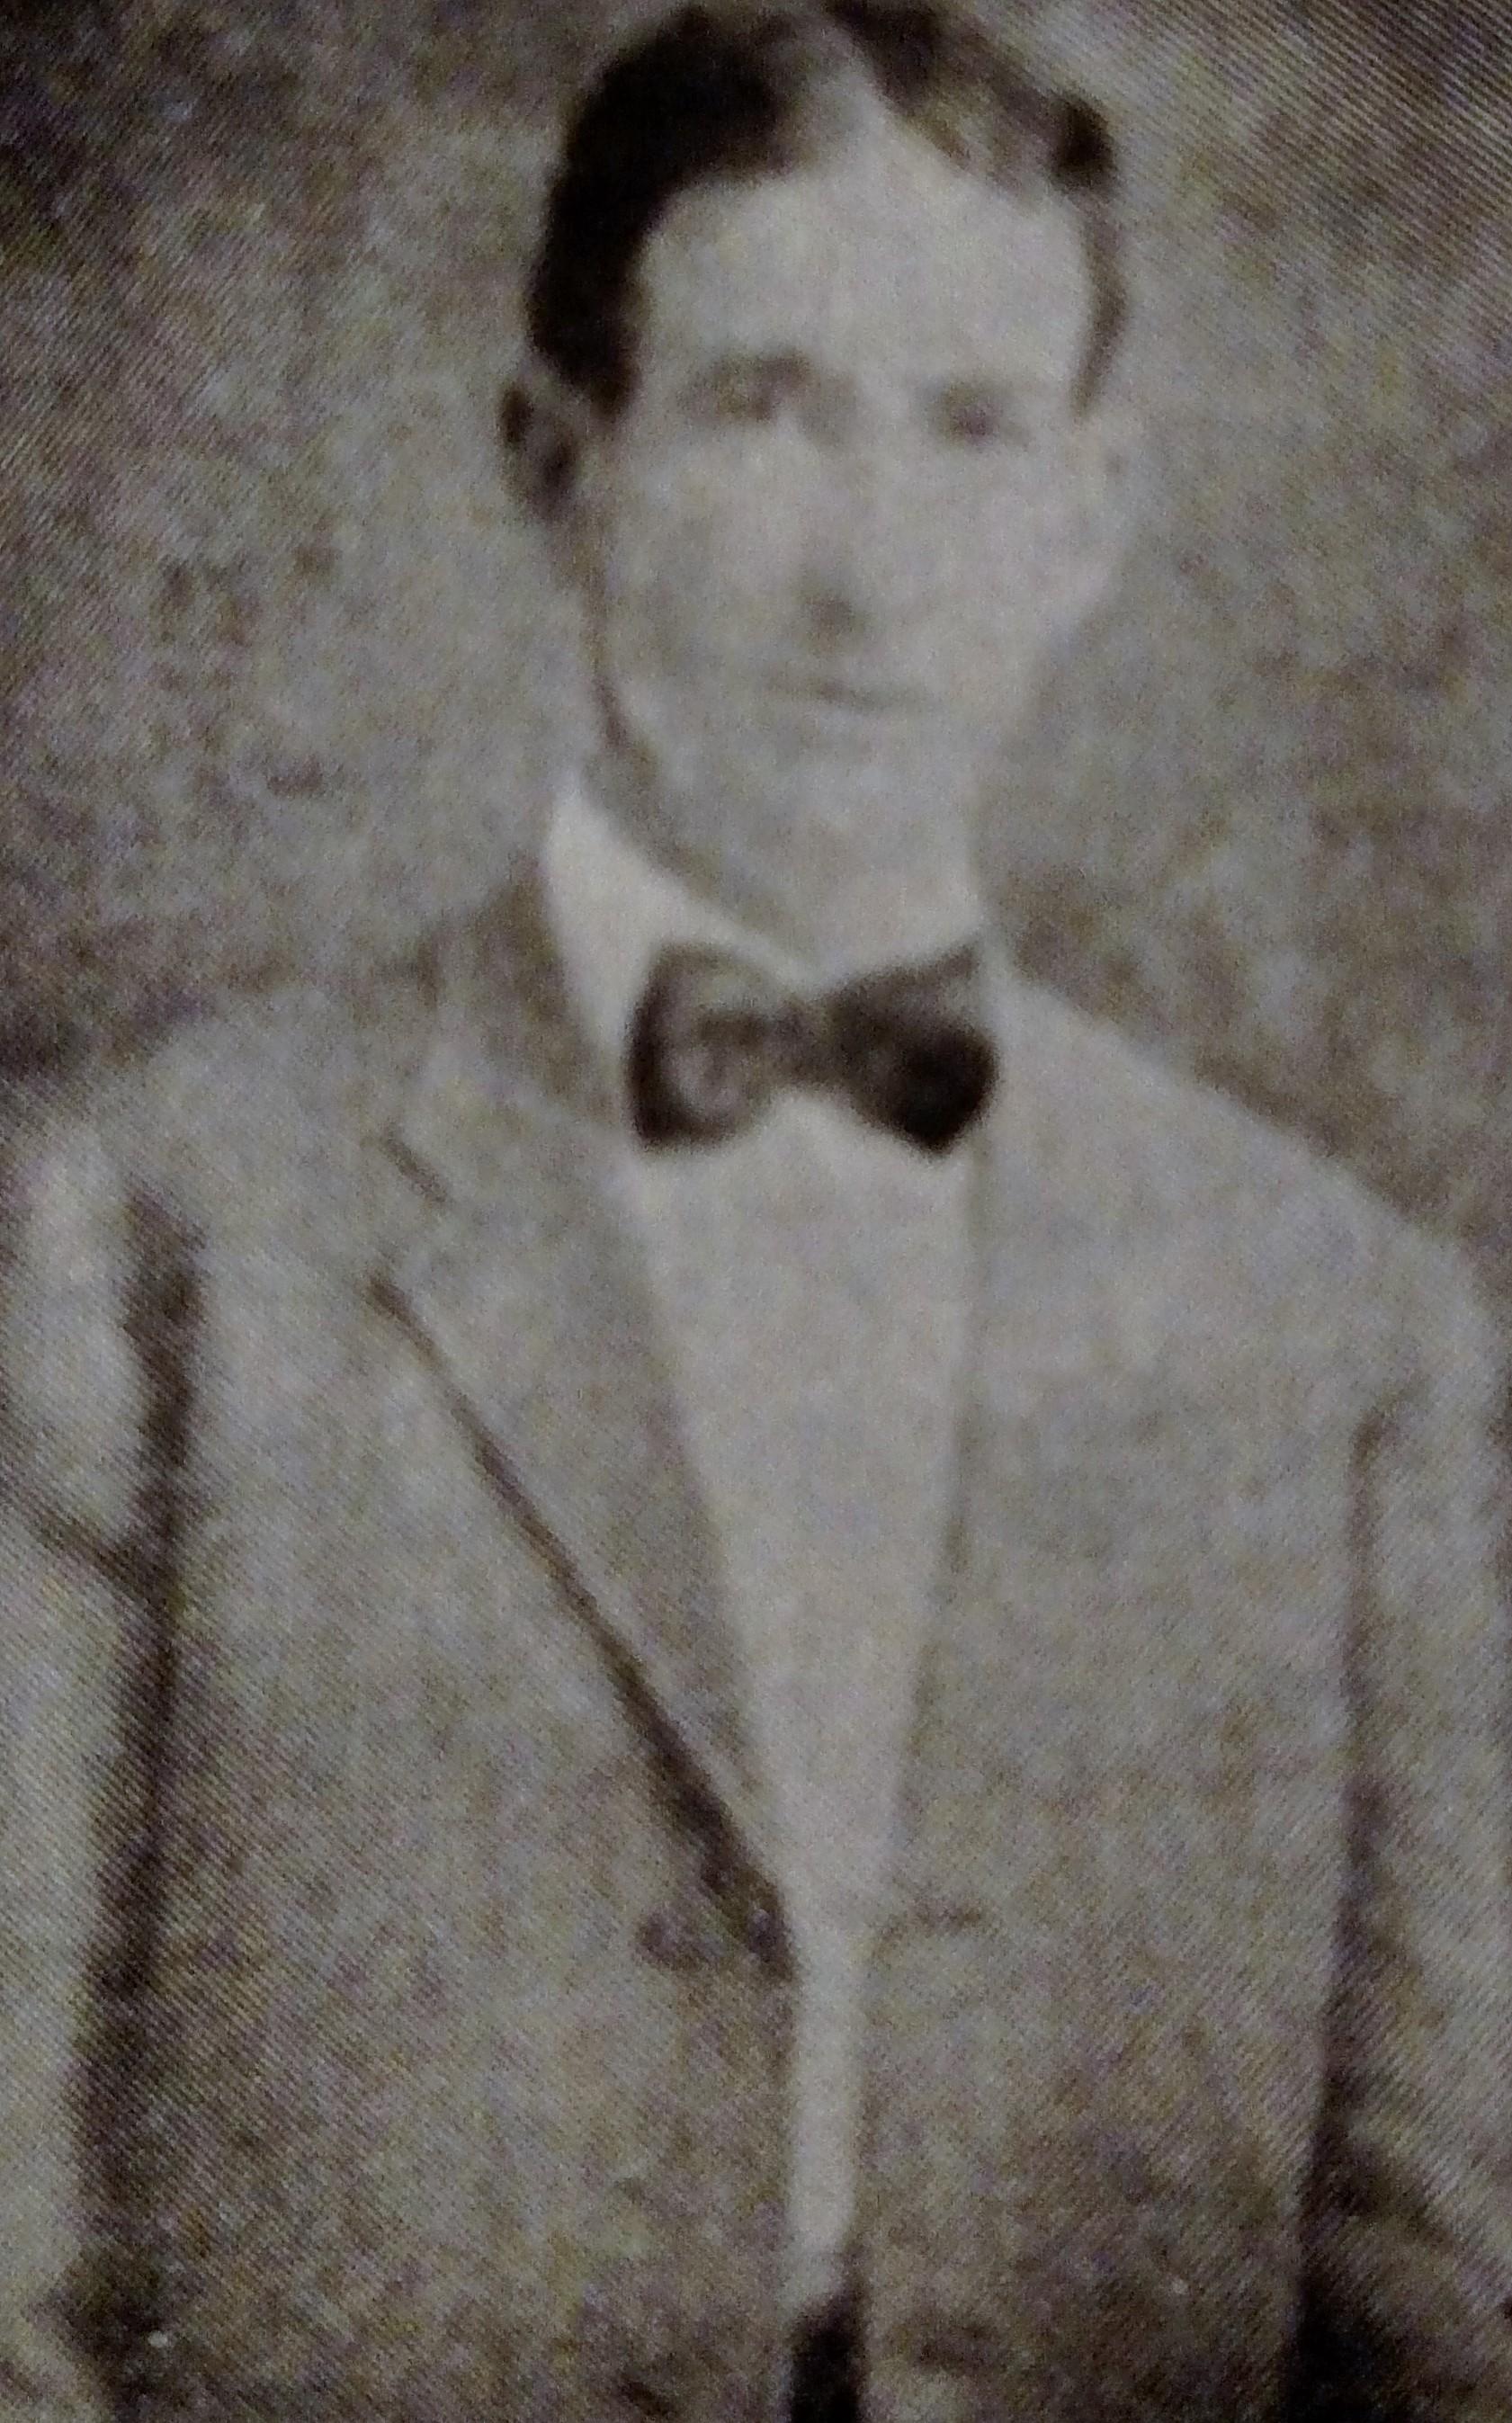 Coach Hutchinson